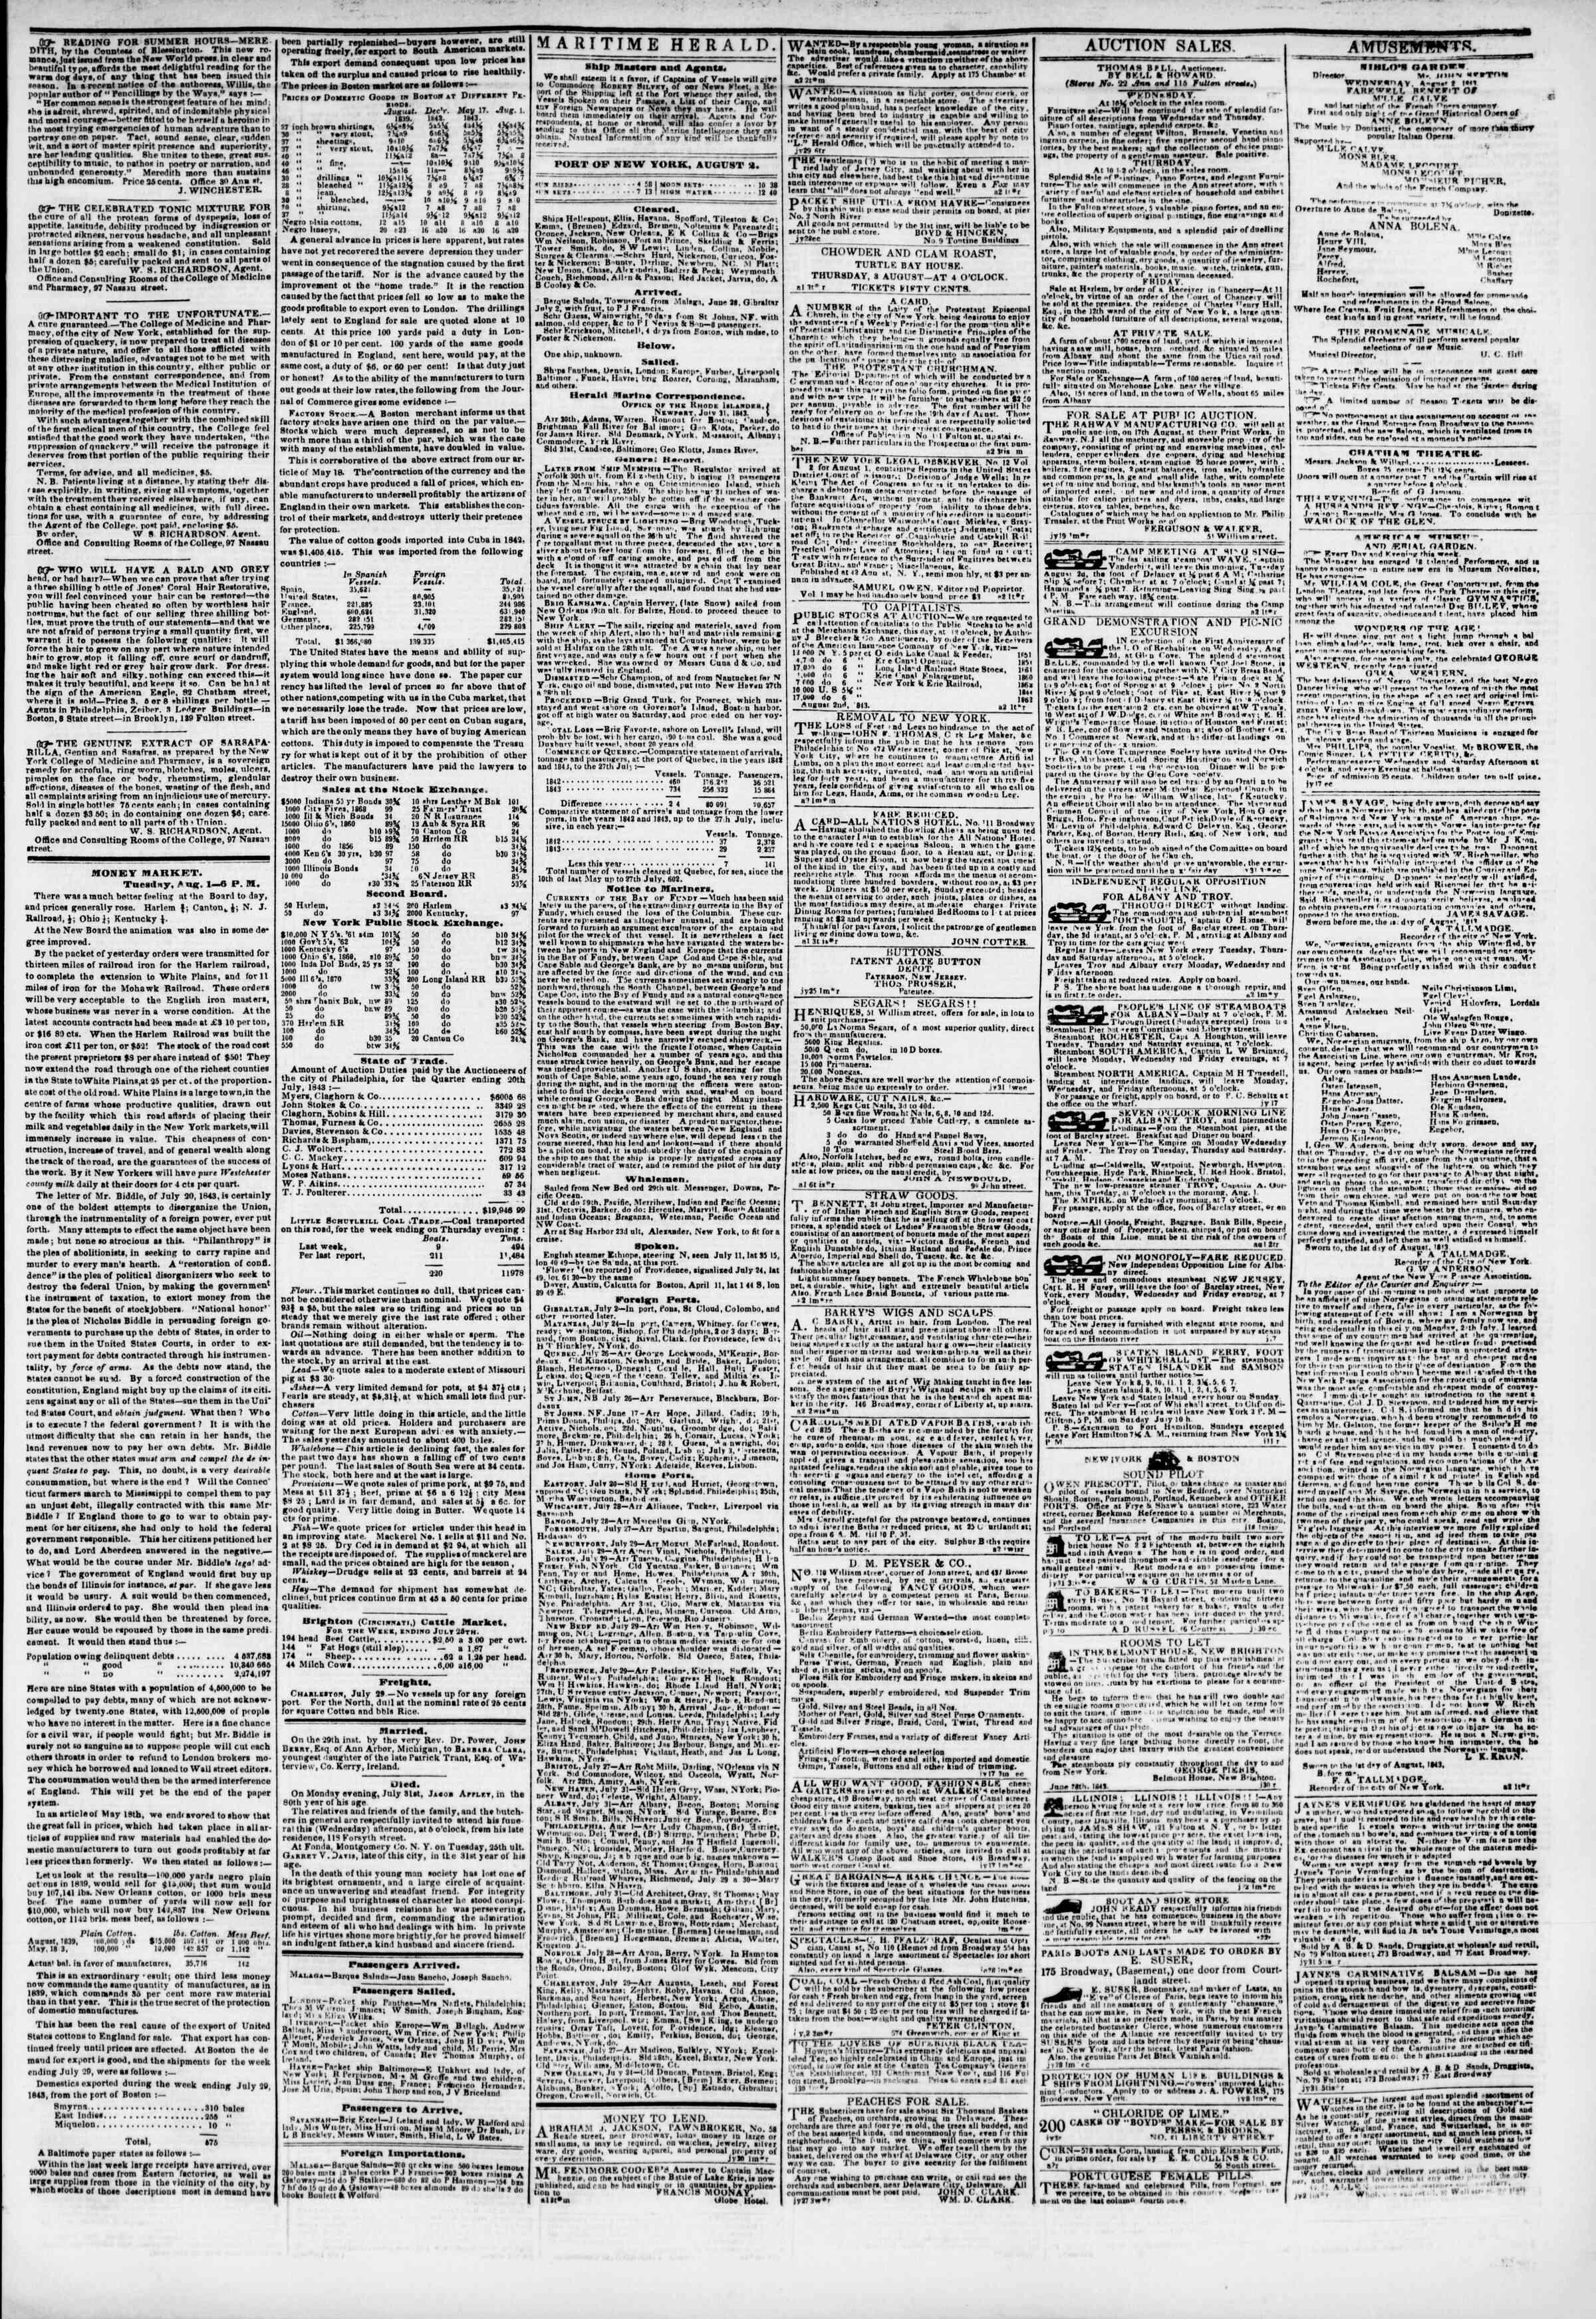 August 2, 1843 Tarihli The New York Herald Gazetesi Sayfa 3